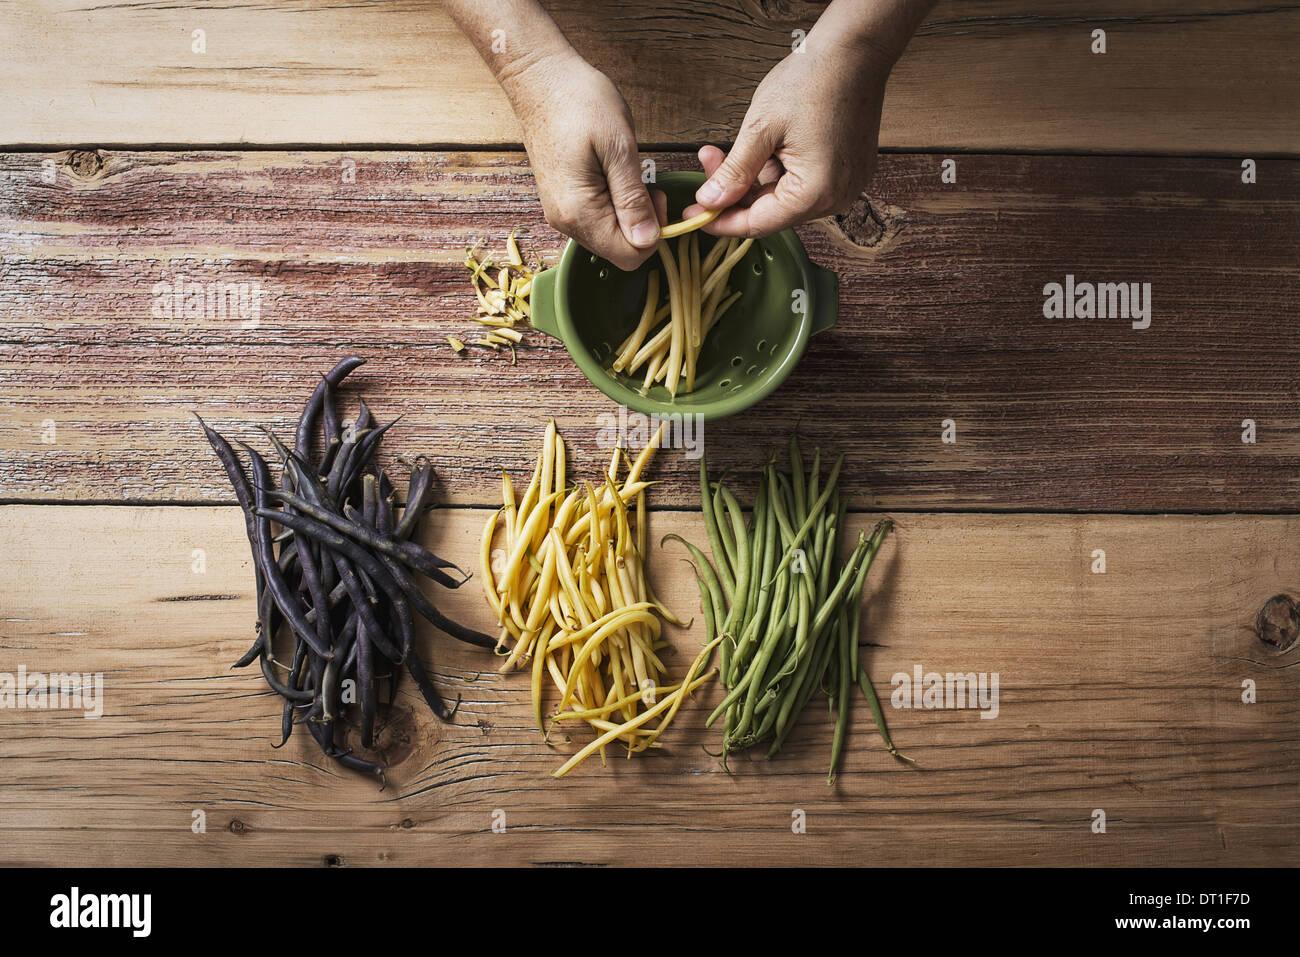 Jaune et Noir vert bio haricots Légumes frais étant en tête et queue par une personne avant de cuisiner Photo Stock